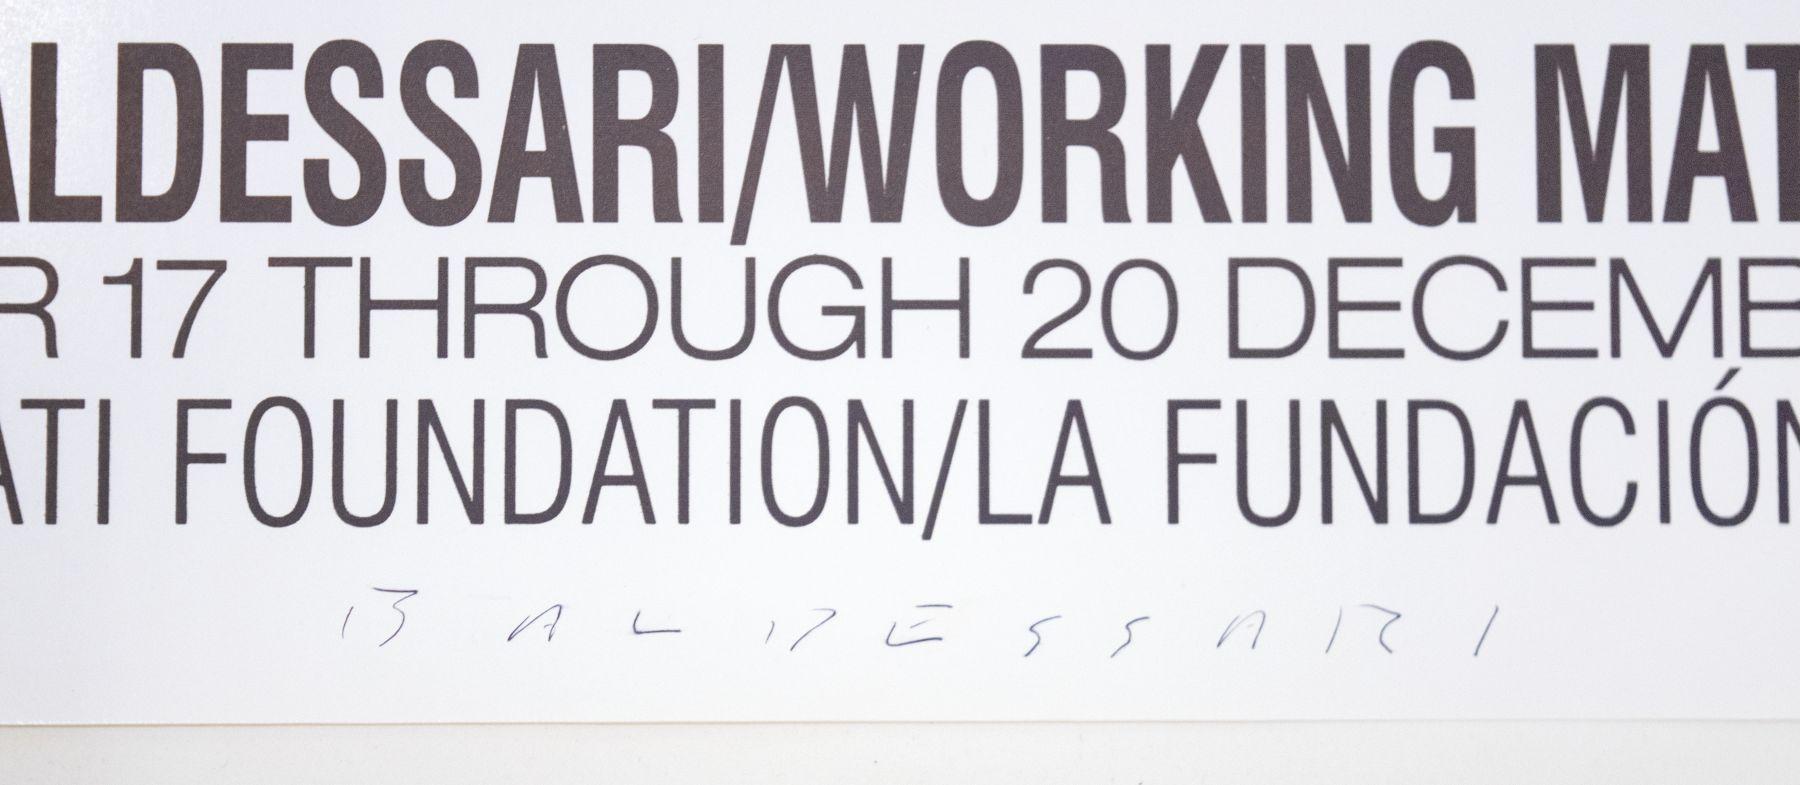 John Baldessari Working Materials detail